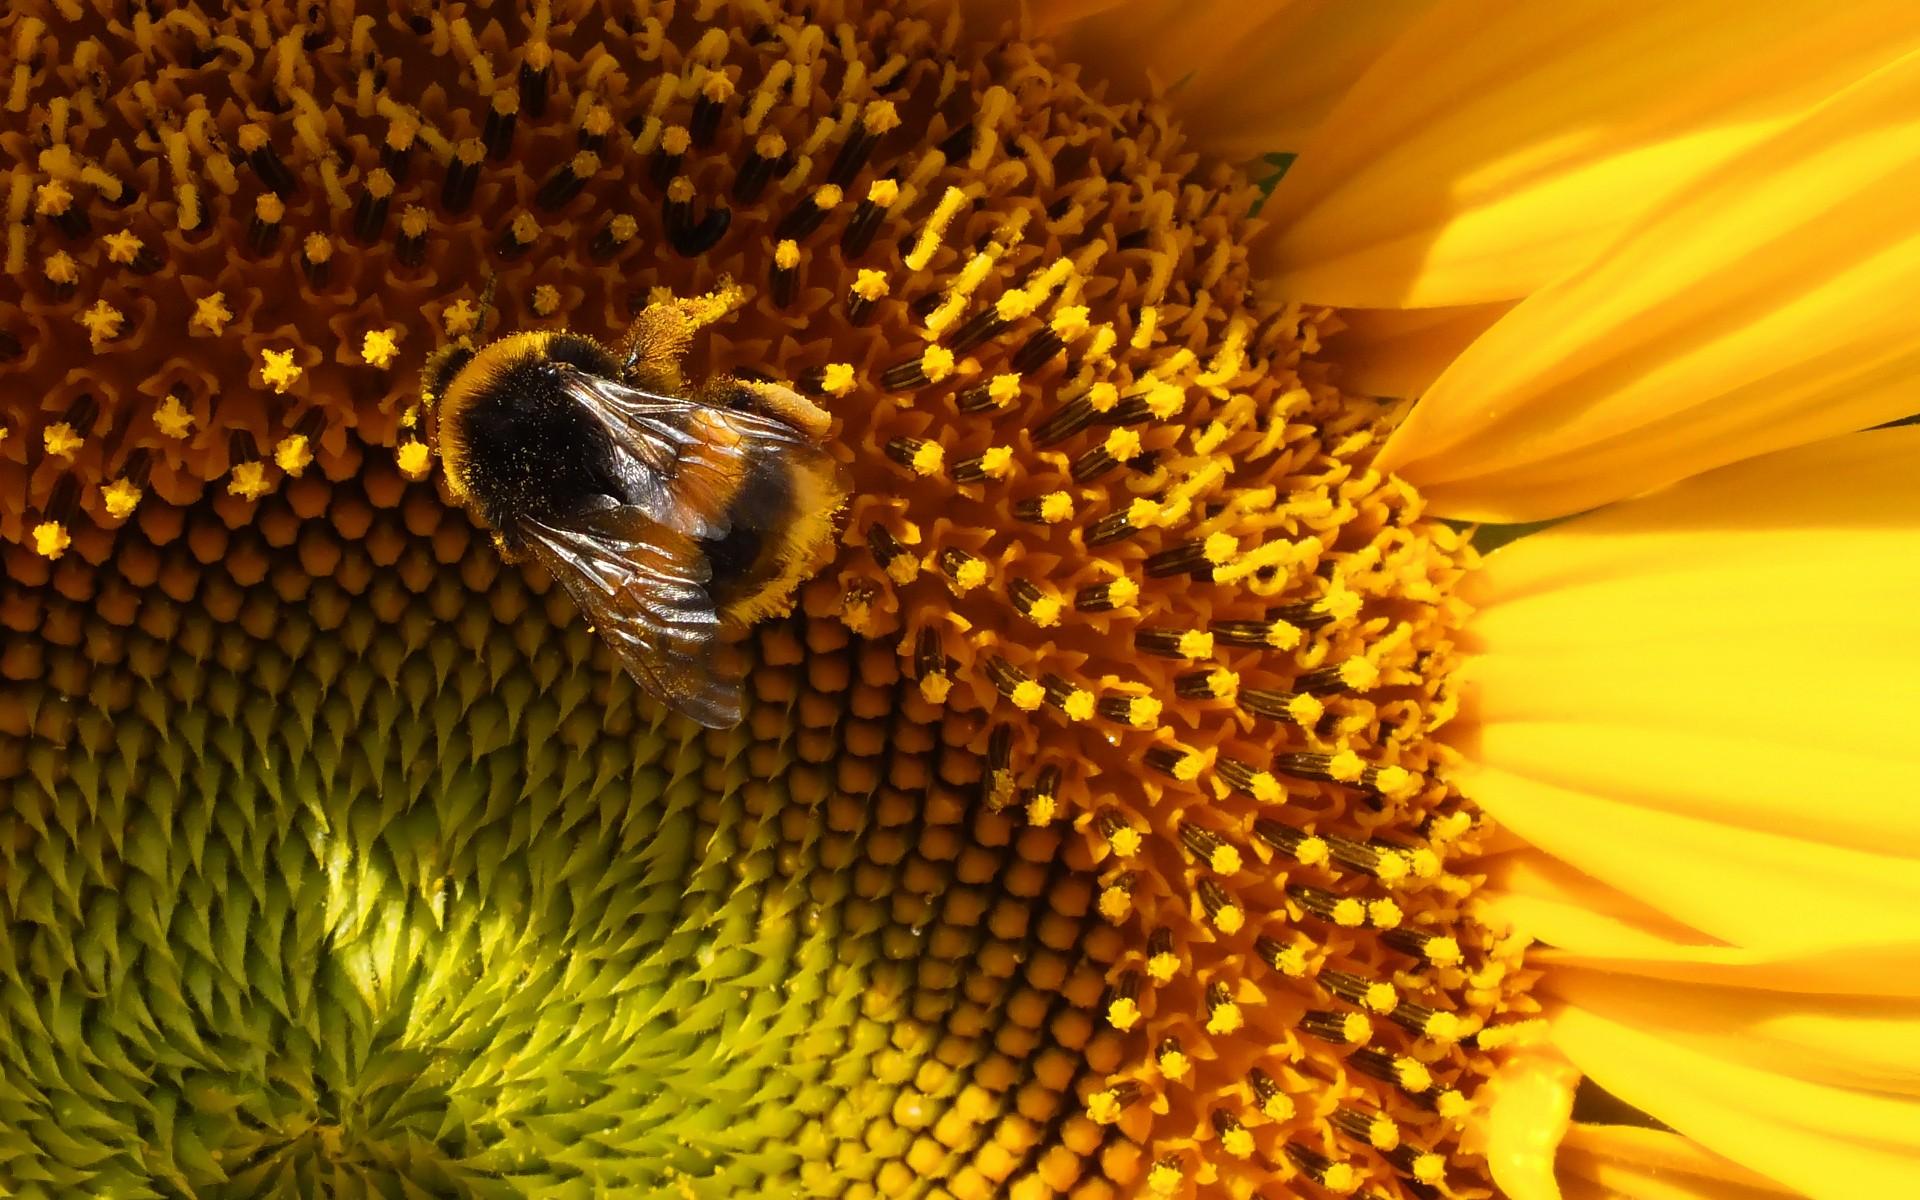 Пчела на подсолнухе скачать